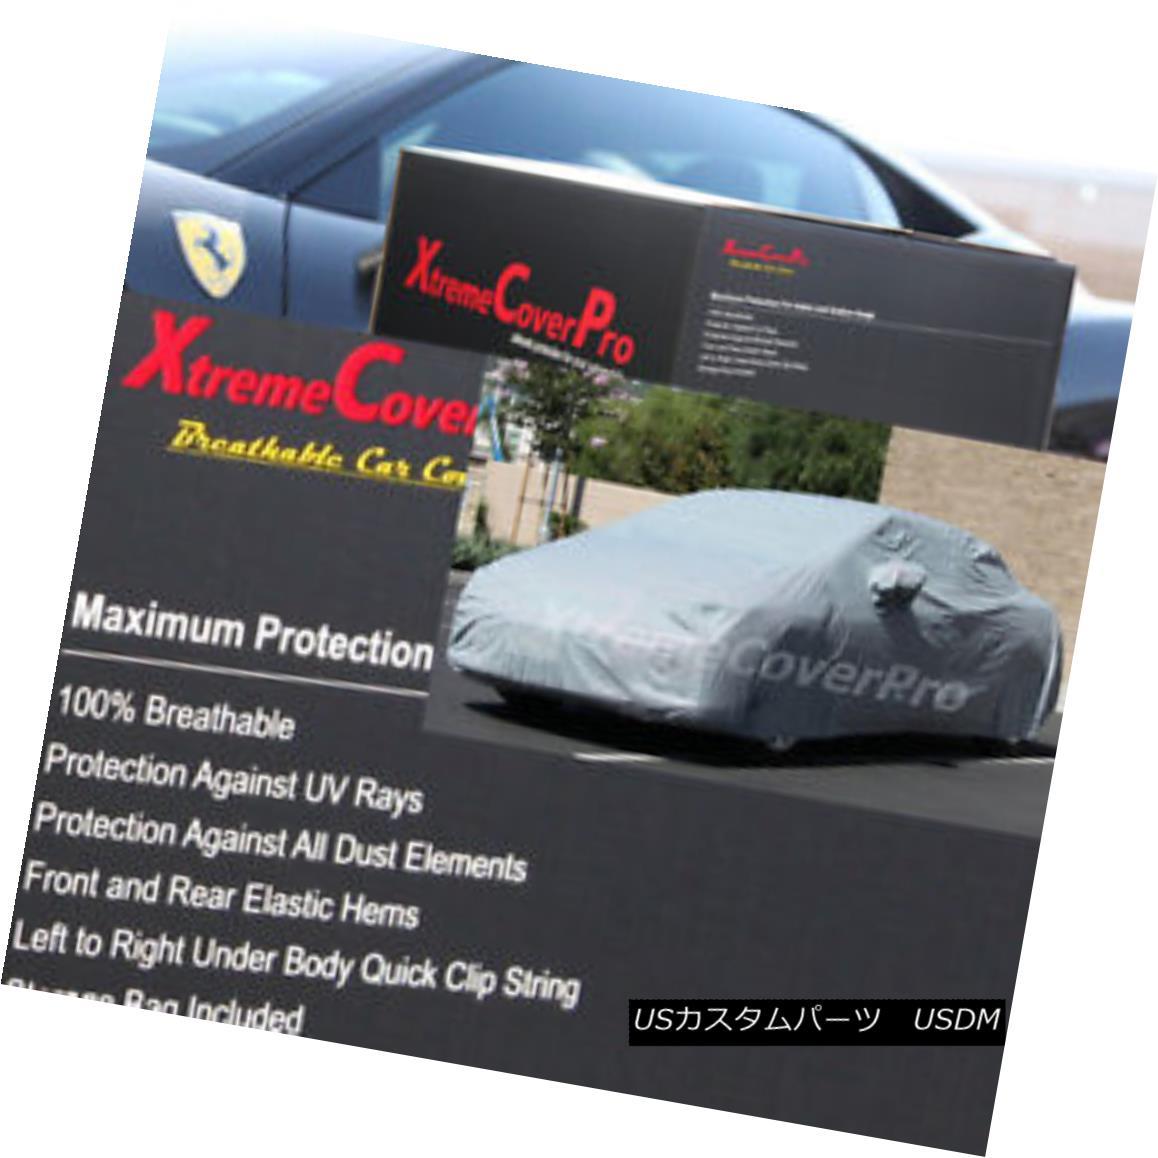 カーカバー 2015 PORSCHE 911 GT3 Breathable Car Cover w/Mirror Pockets - Gray 2015ポルシェ911 GT3通気性車カバー(ミラーポケット付) - グレー